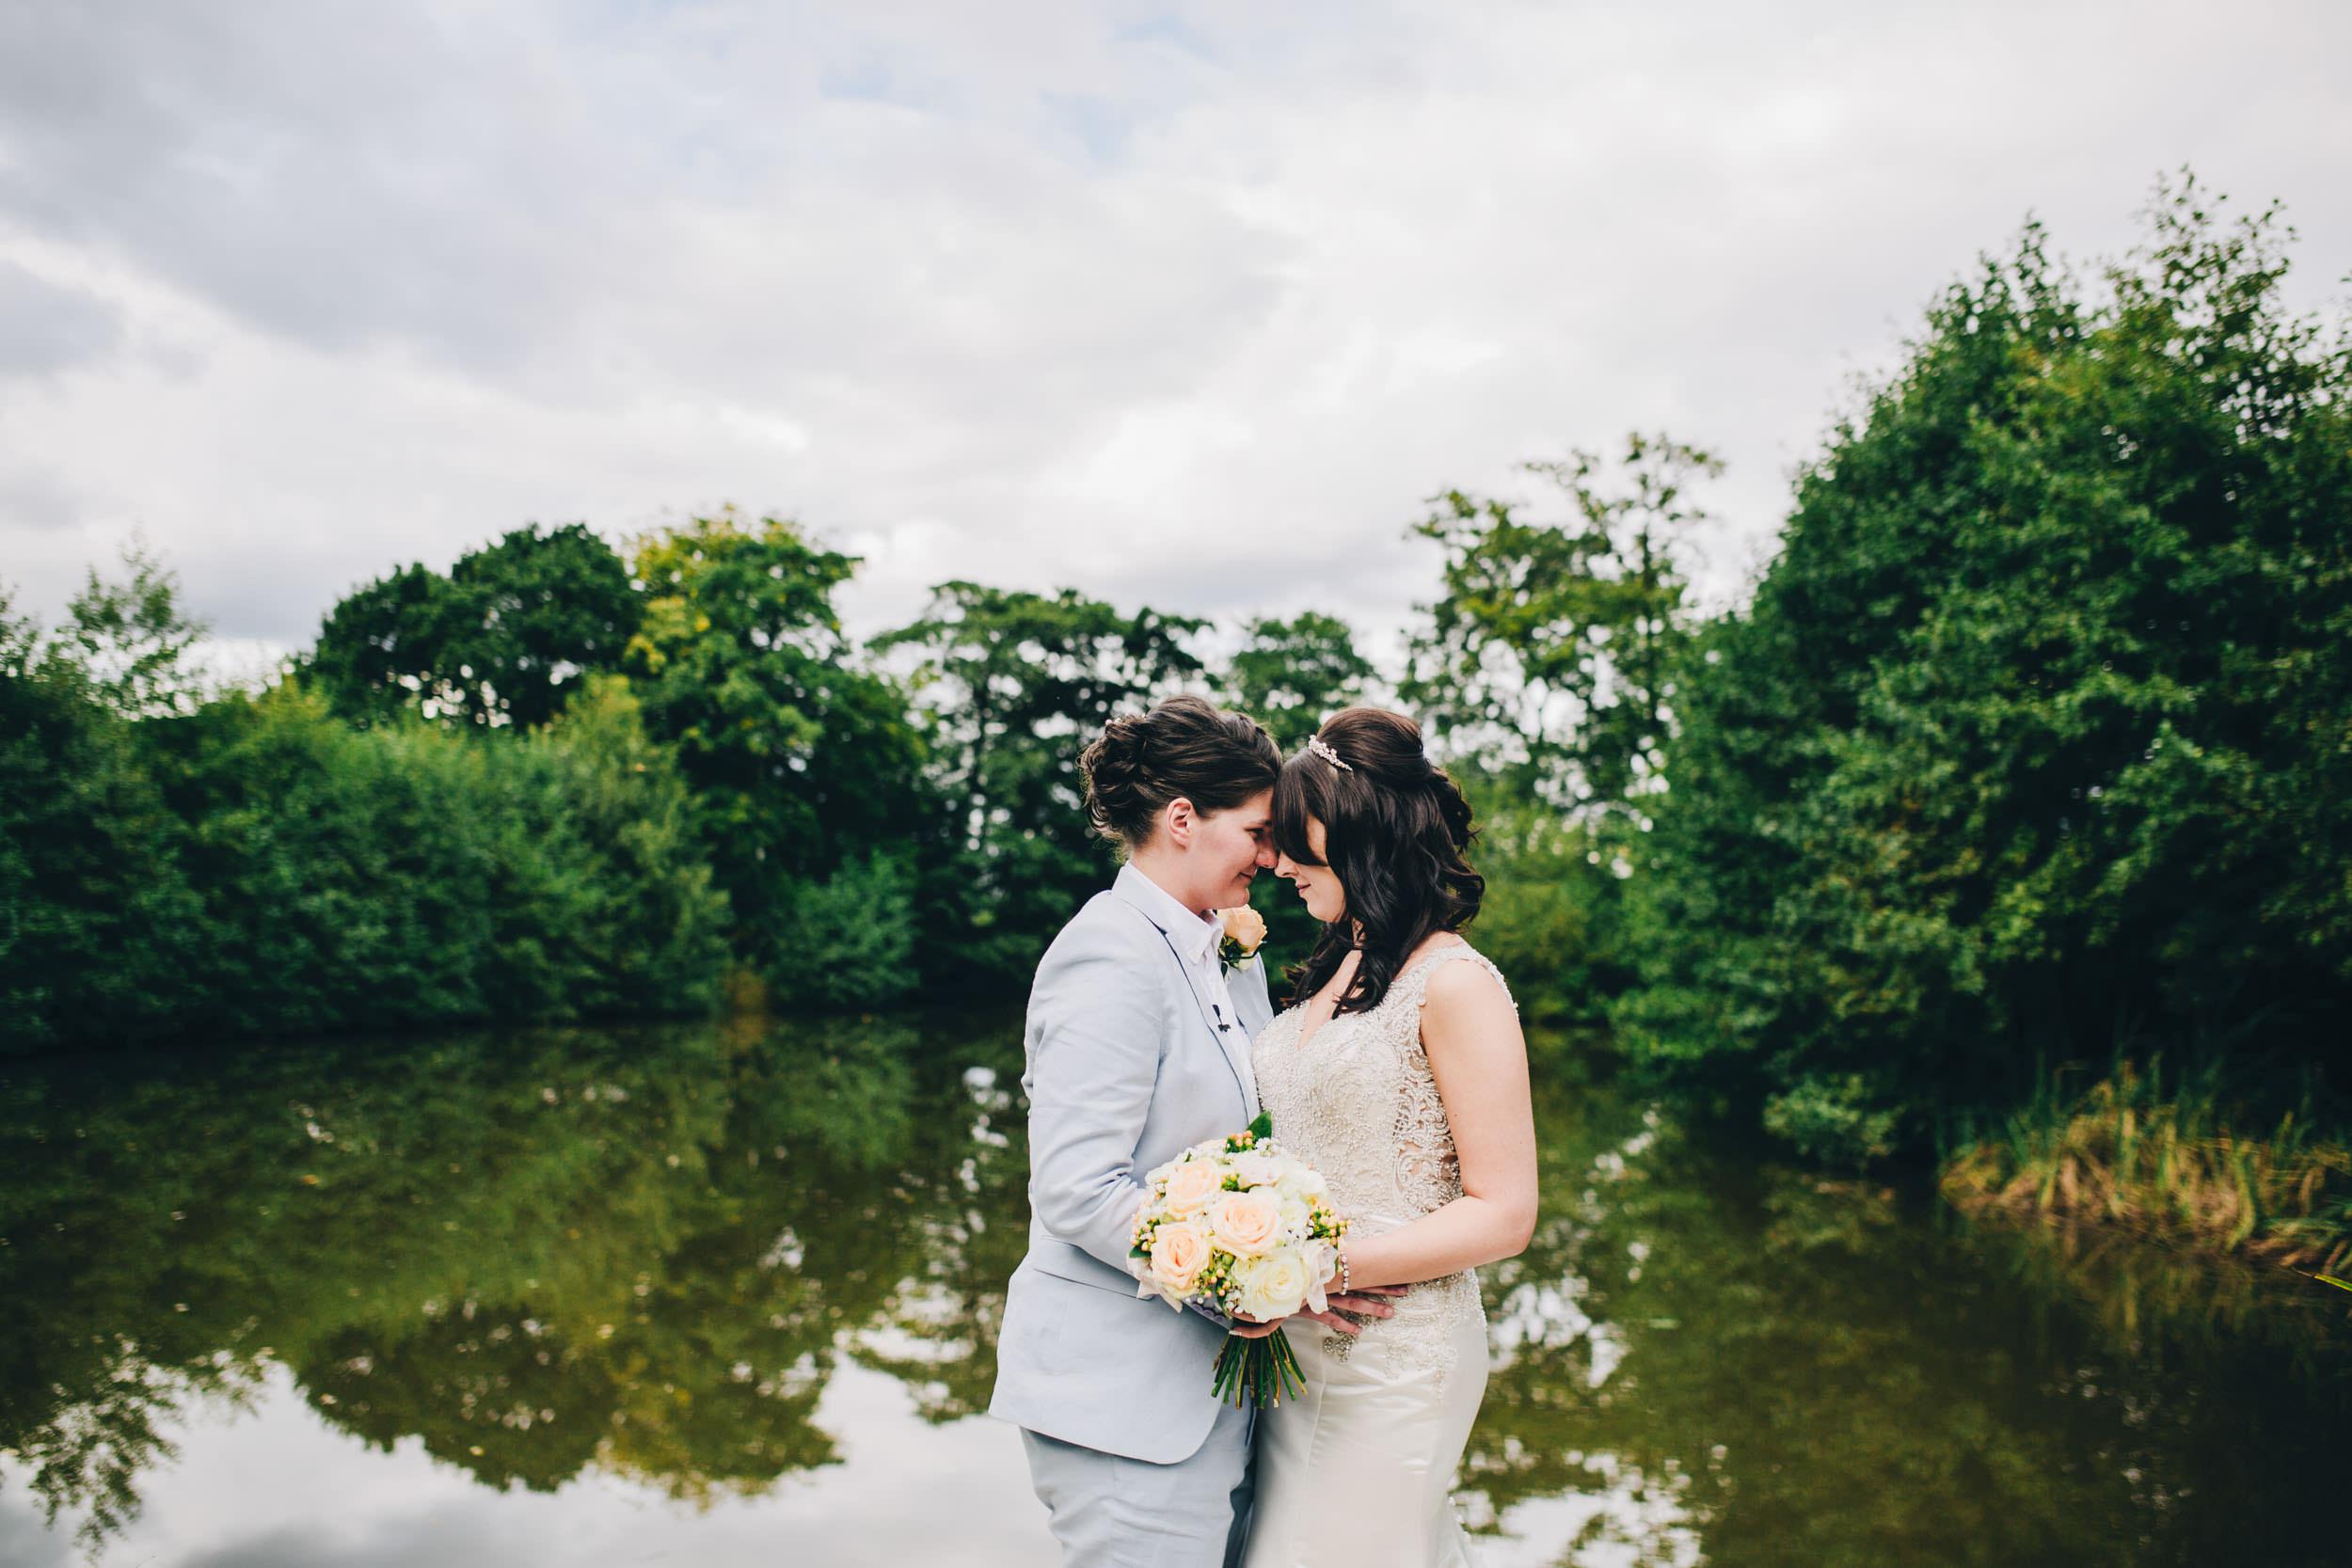 At the Lake at Styal Lodge - cheshire wedding